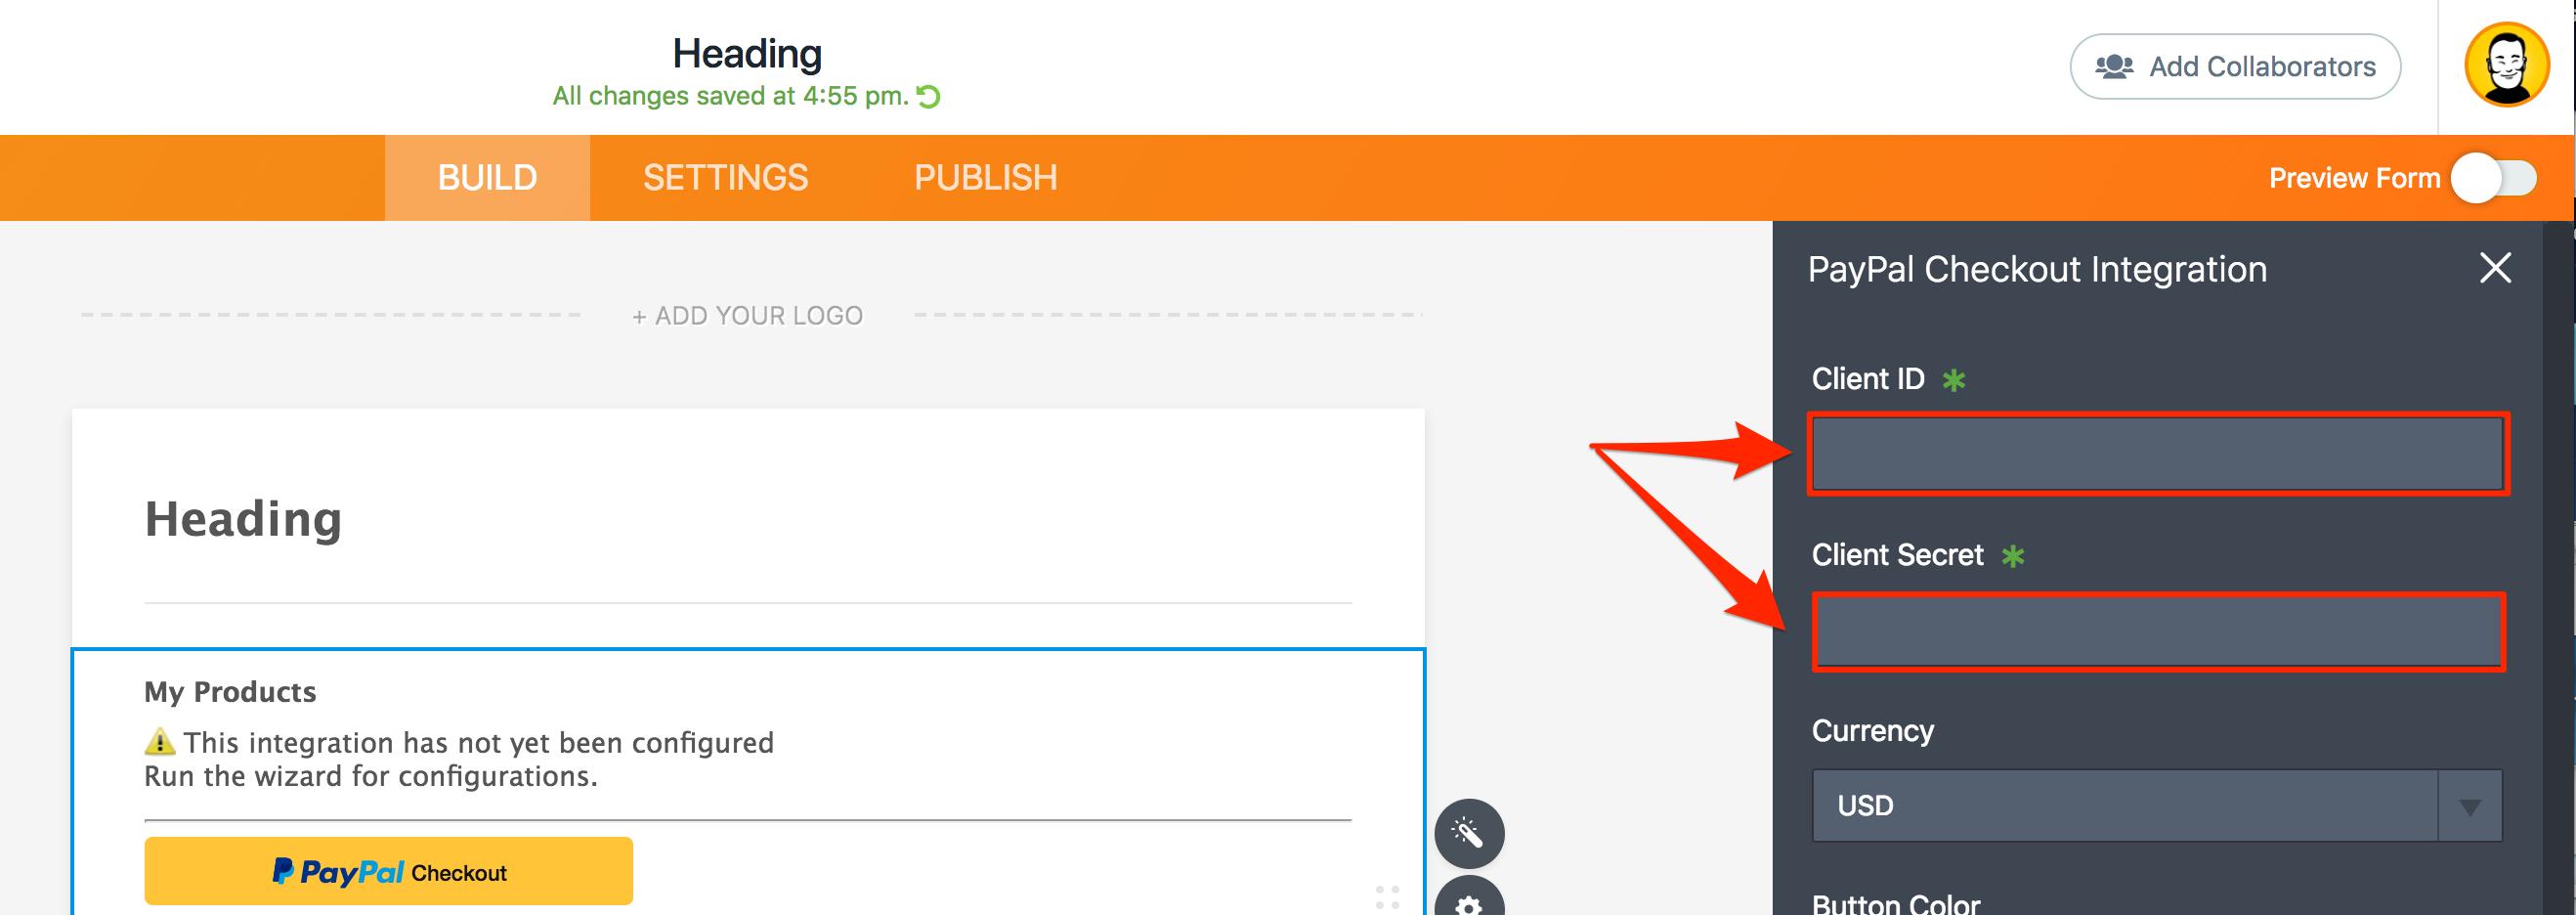 PayPal Checkout Wizard Client ID Client Secret